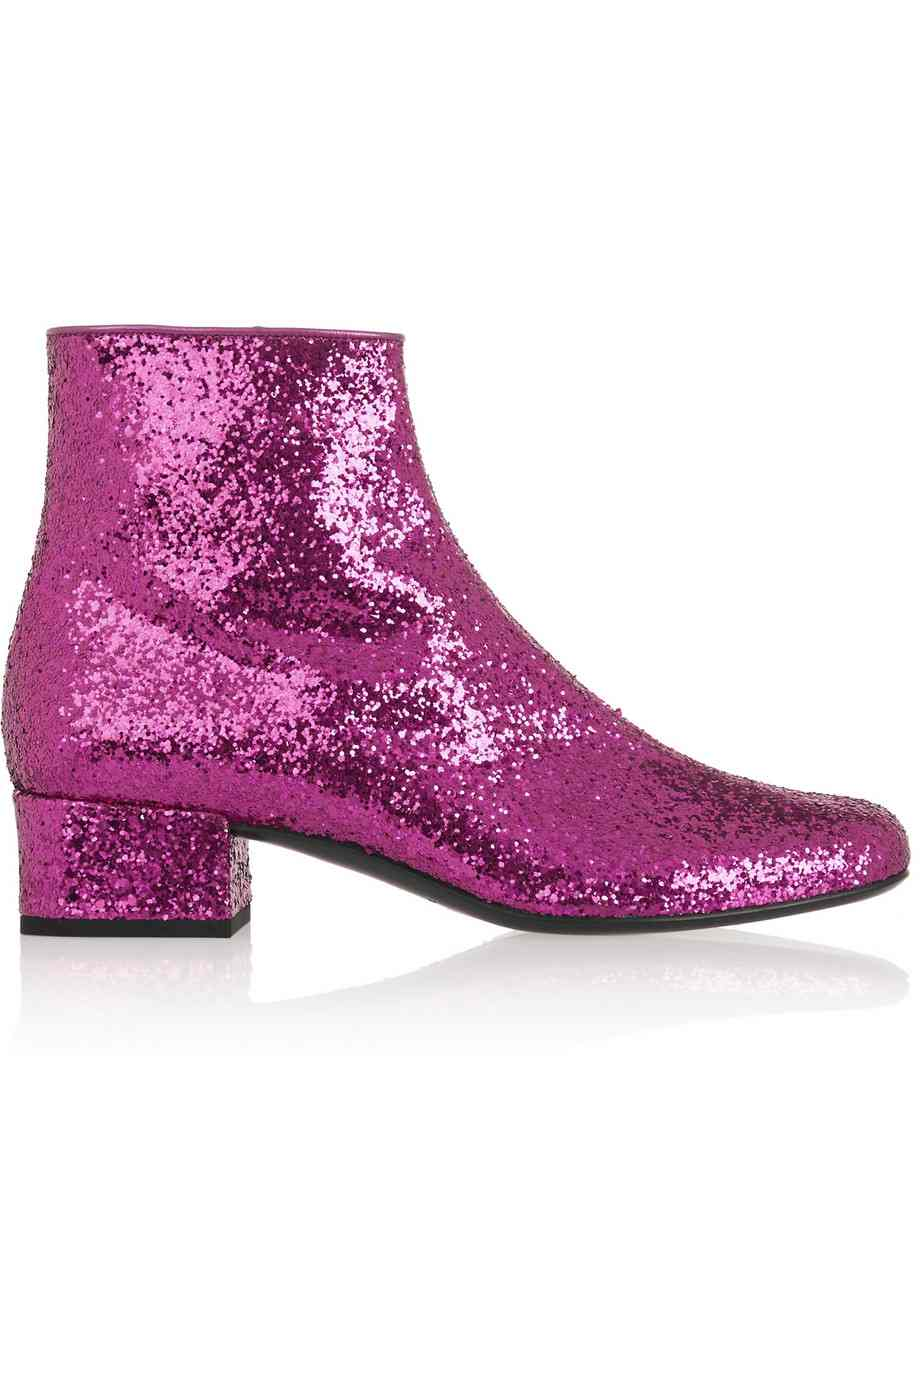 Saint Laurent - Boots(745 €)